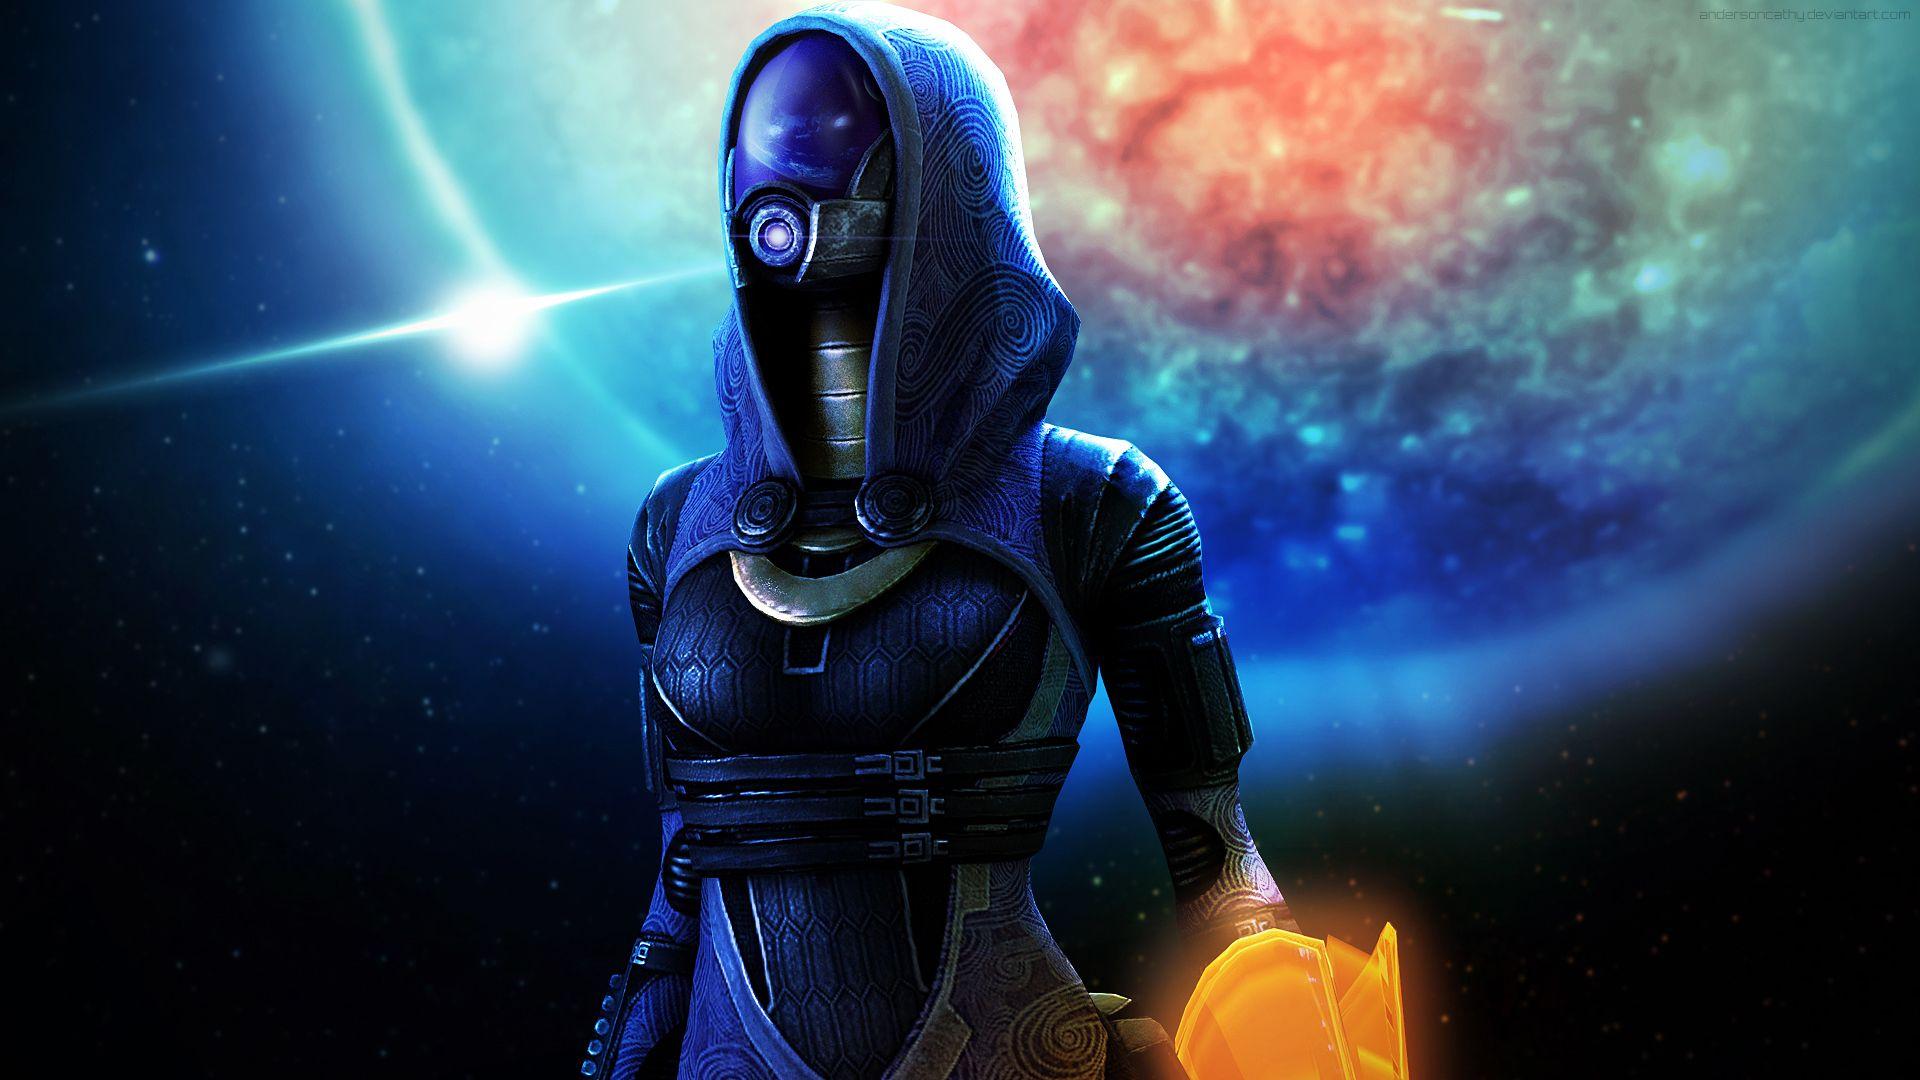 Mass Effect Leviathan Wallpaper